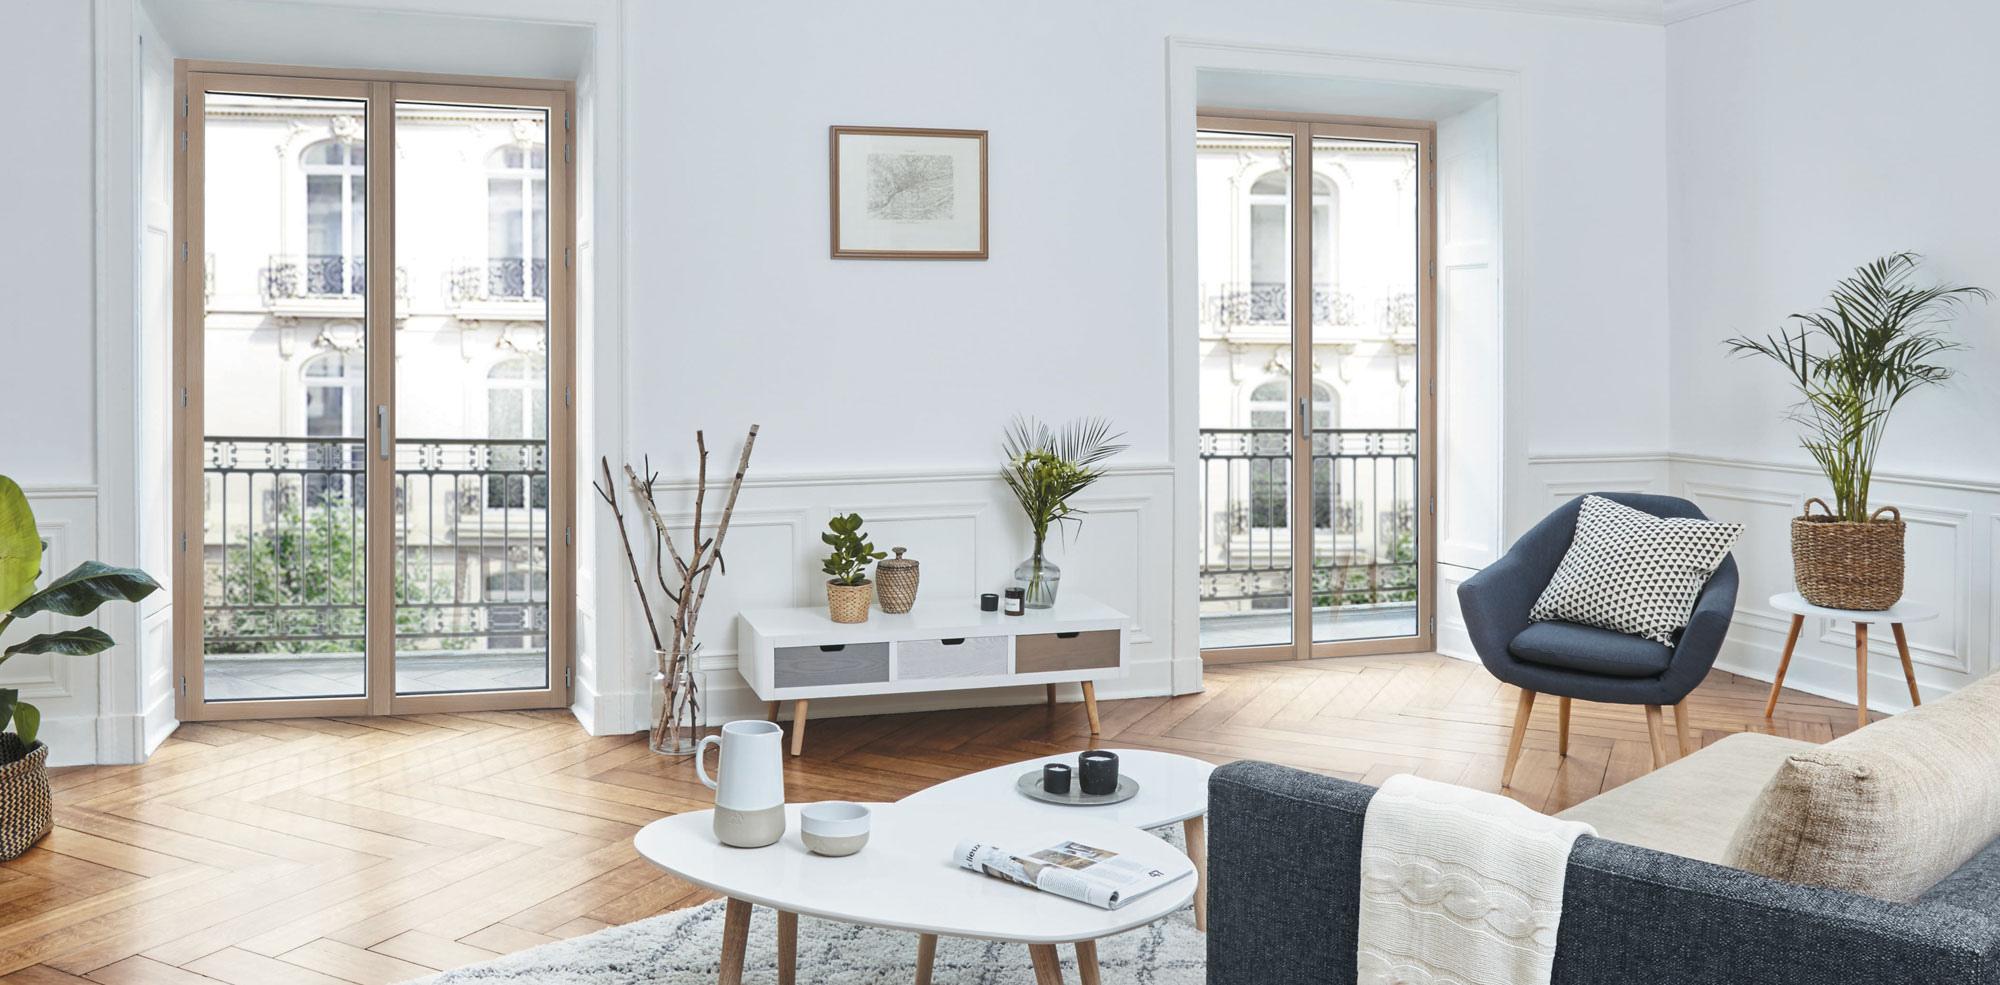 Cuisine Lumineuse Sans Fenetre fenêtre à frappe bois aluminium | meo fabricant de fenêtres